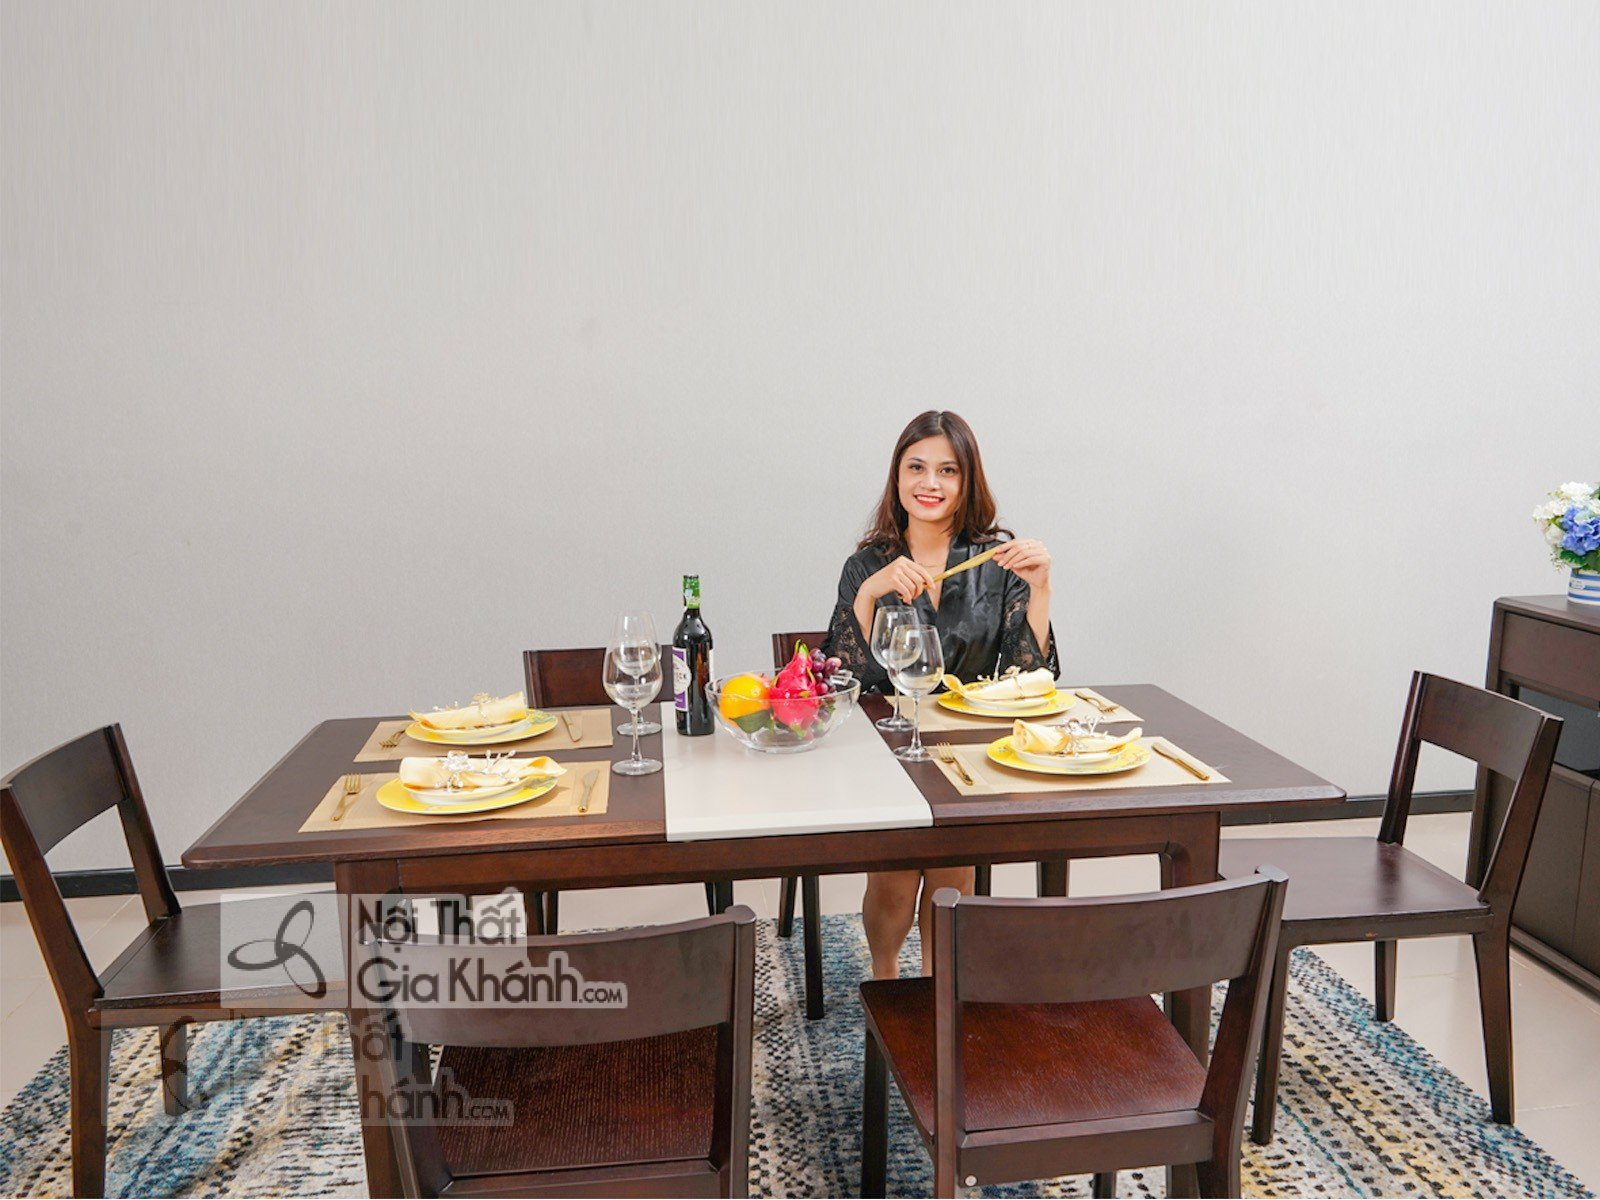 Tuyển tập mẫu bàn ăn gỗ đỏ đẹp sang trọng - tuyen tap mau ban an go do dep sang trong 2